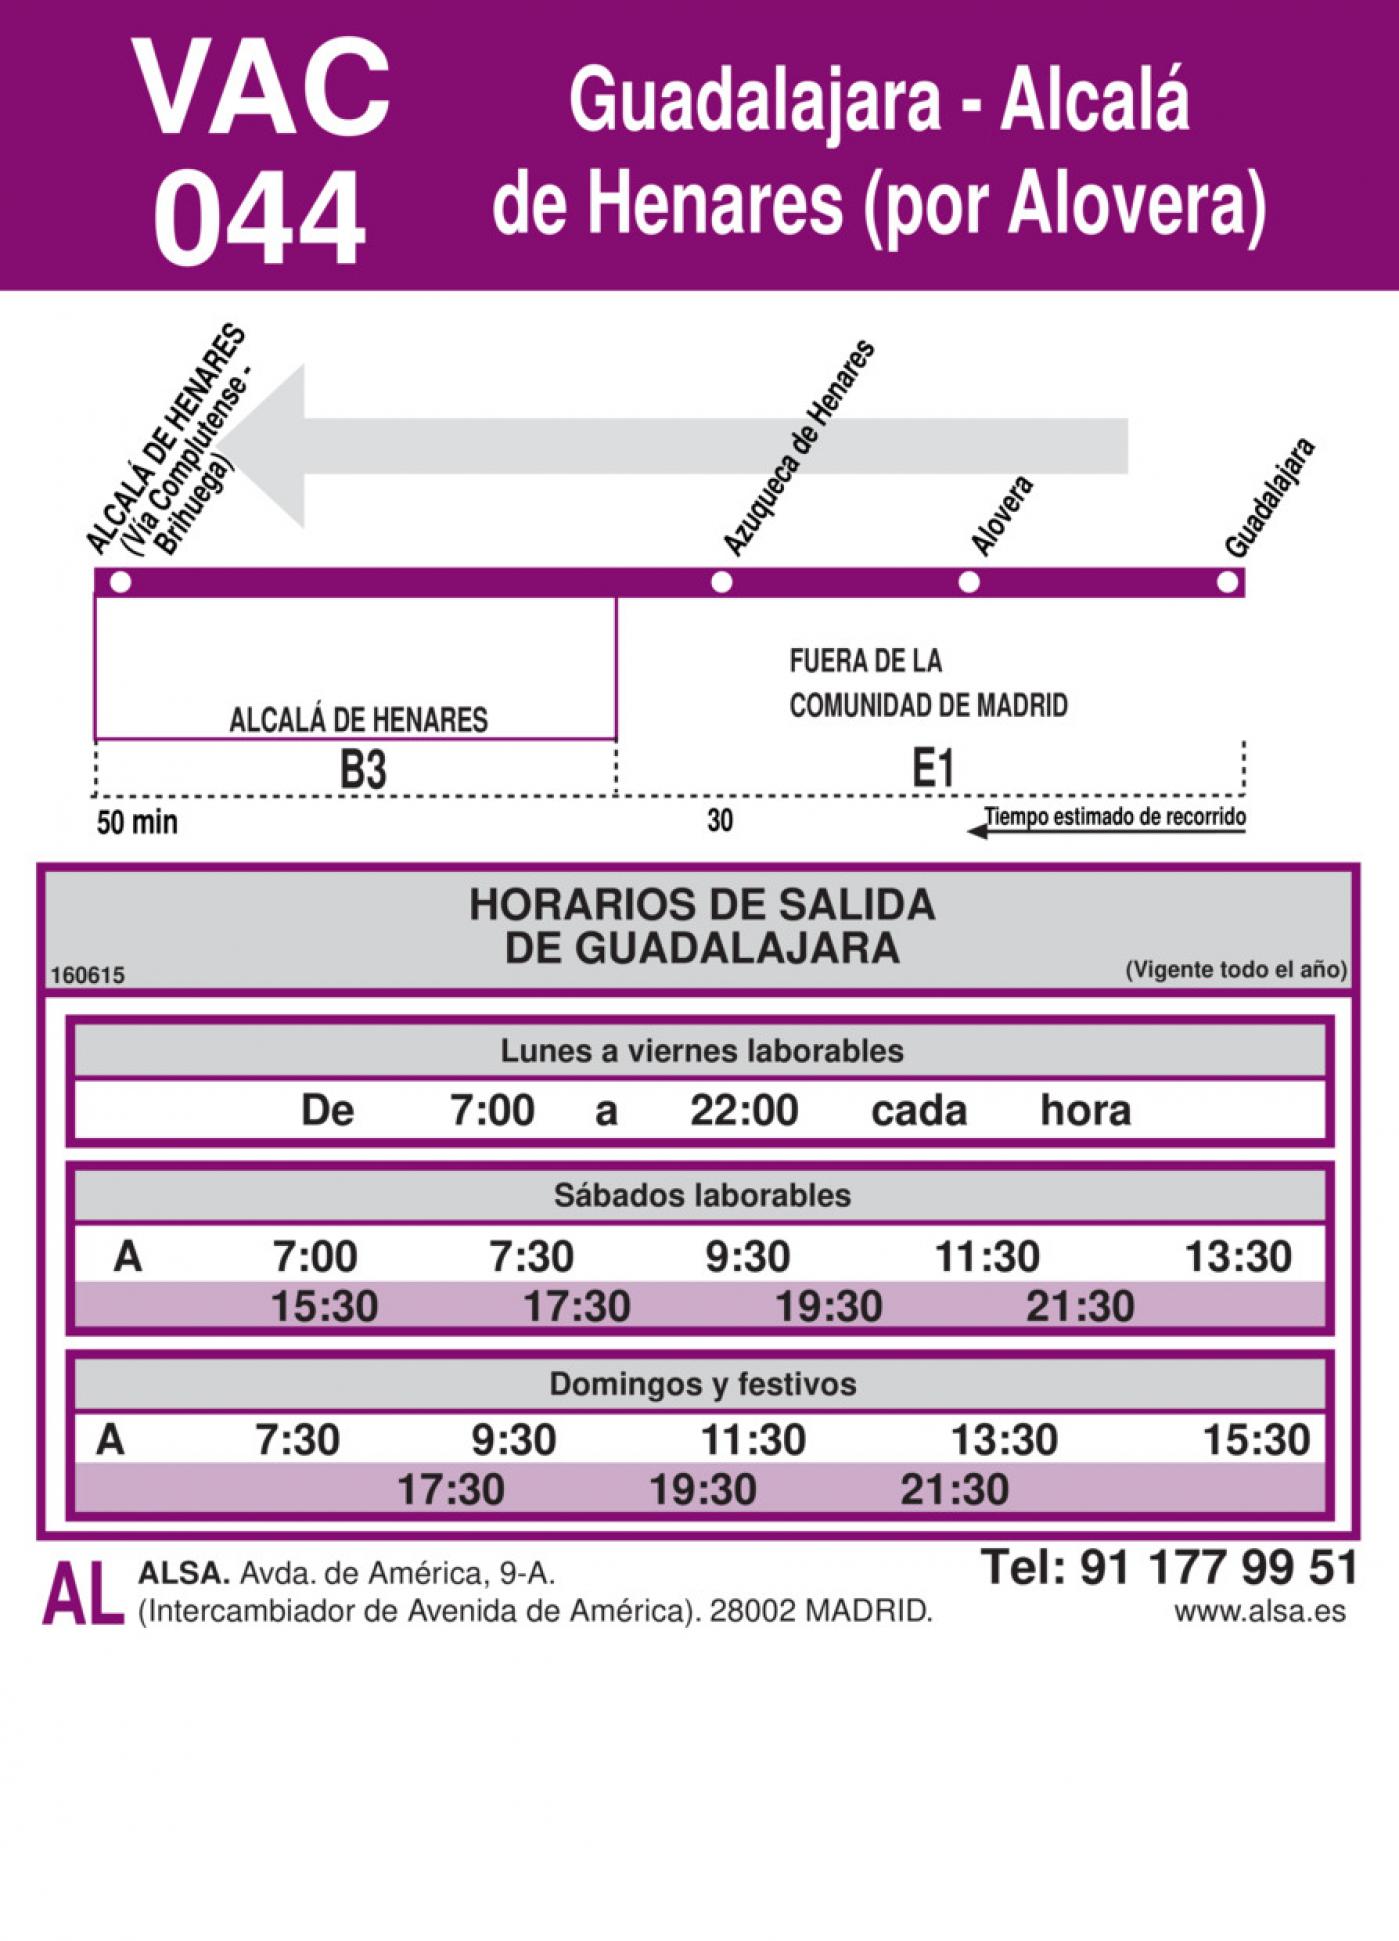 Tabla de horarios y frecuencias de paso en sentido vuelta Línea VAC-044: Alcalá de Henares - Guadalajara (Alovera)